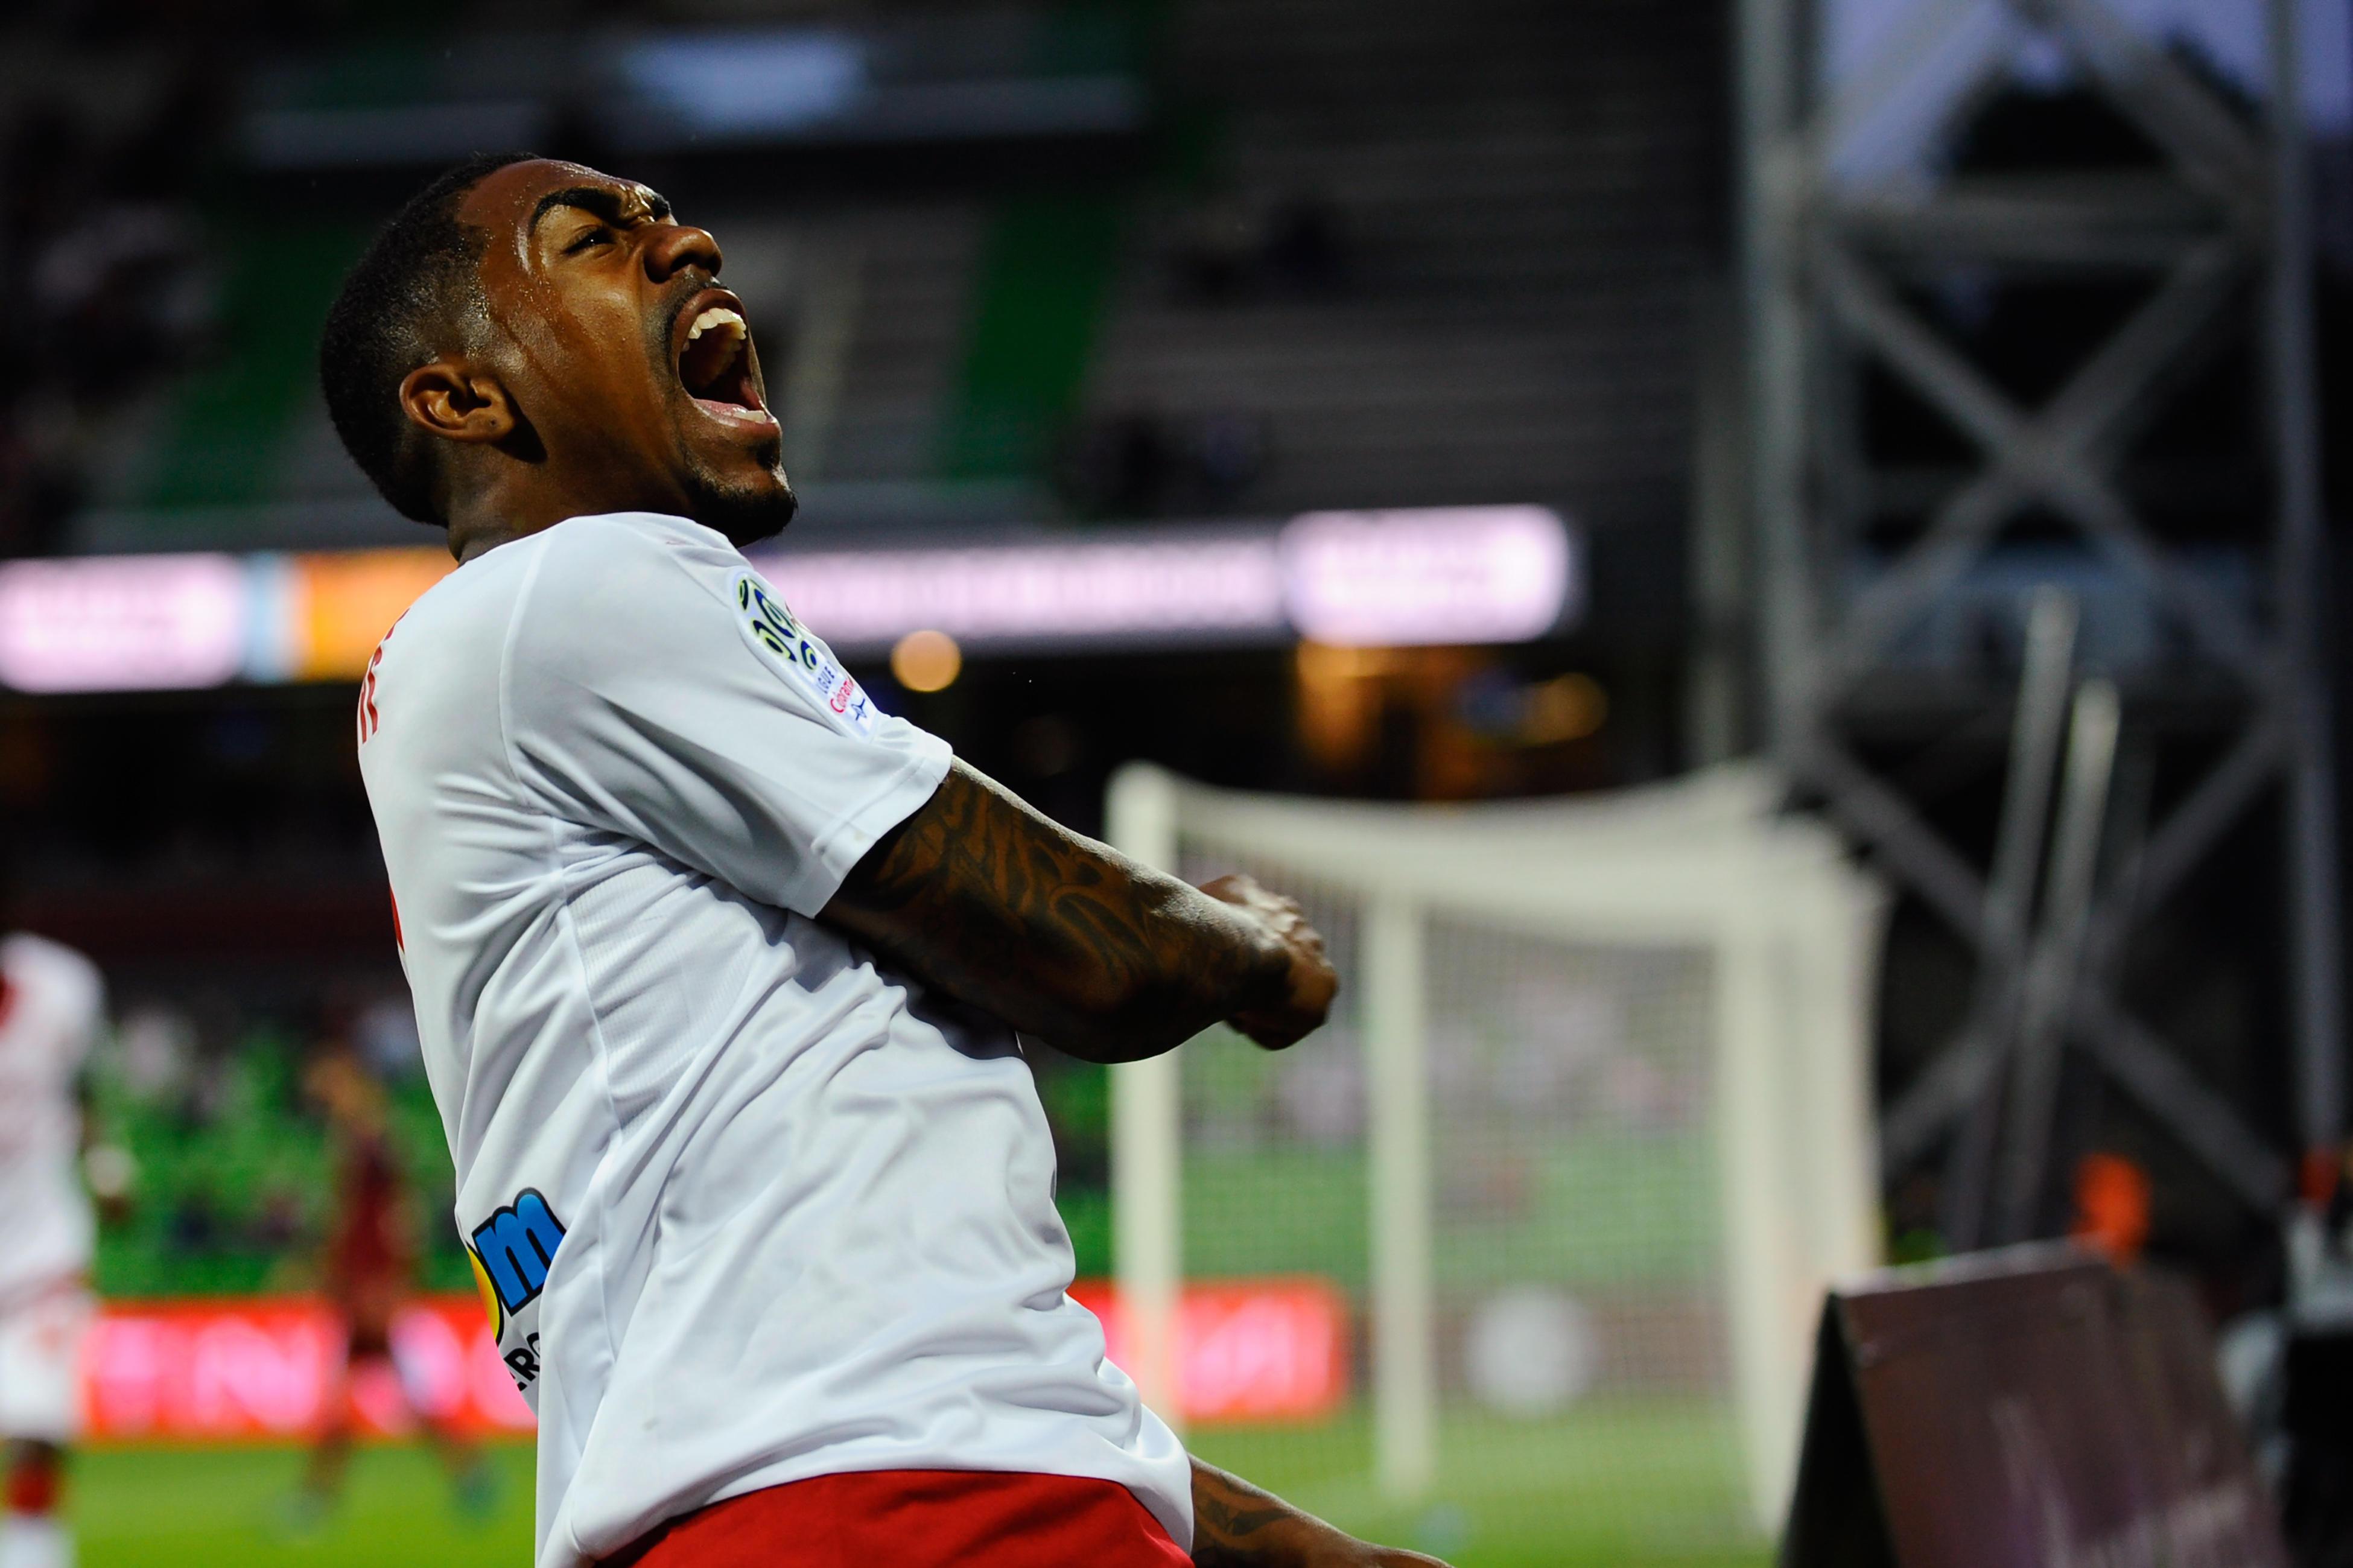 法国足球:热刺有意波尔多边锋马尔科姆